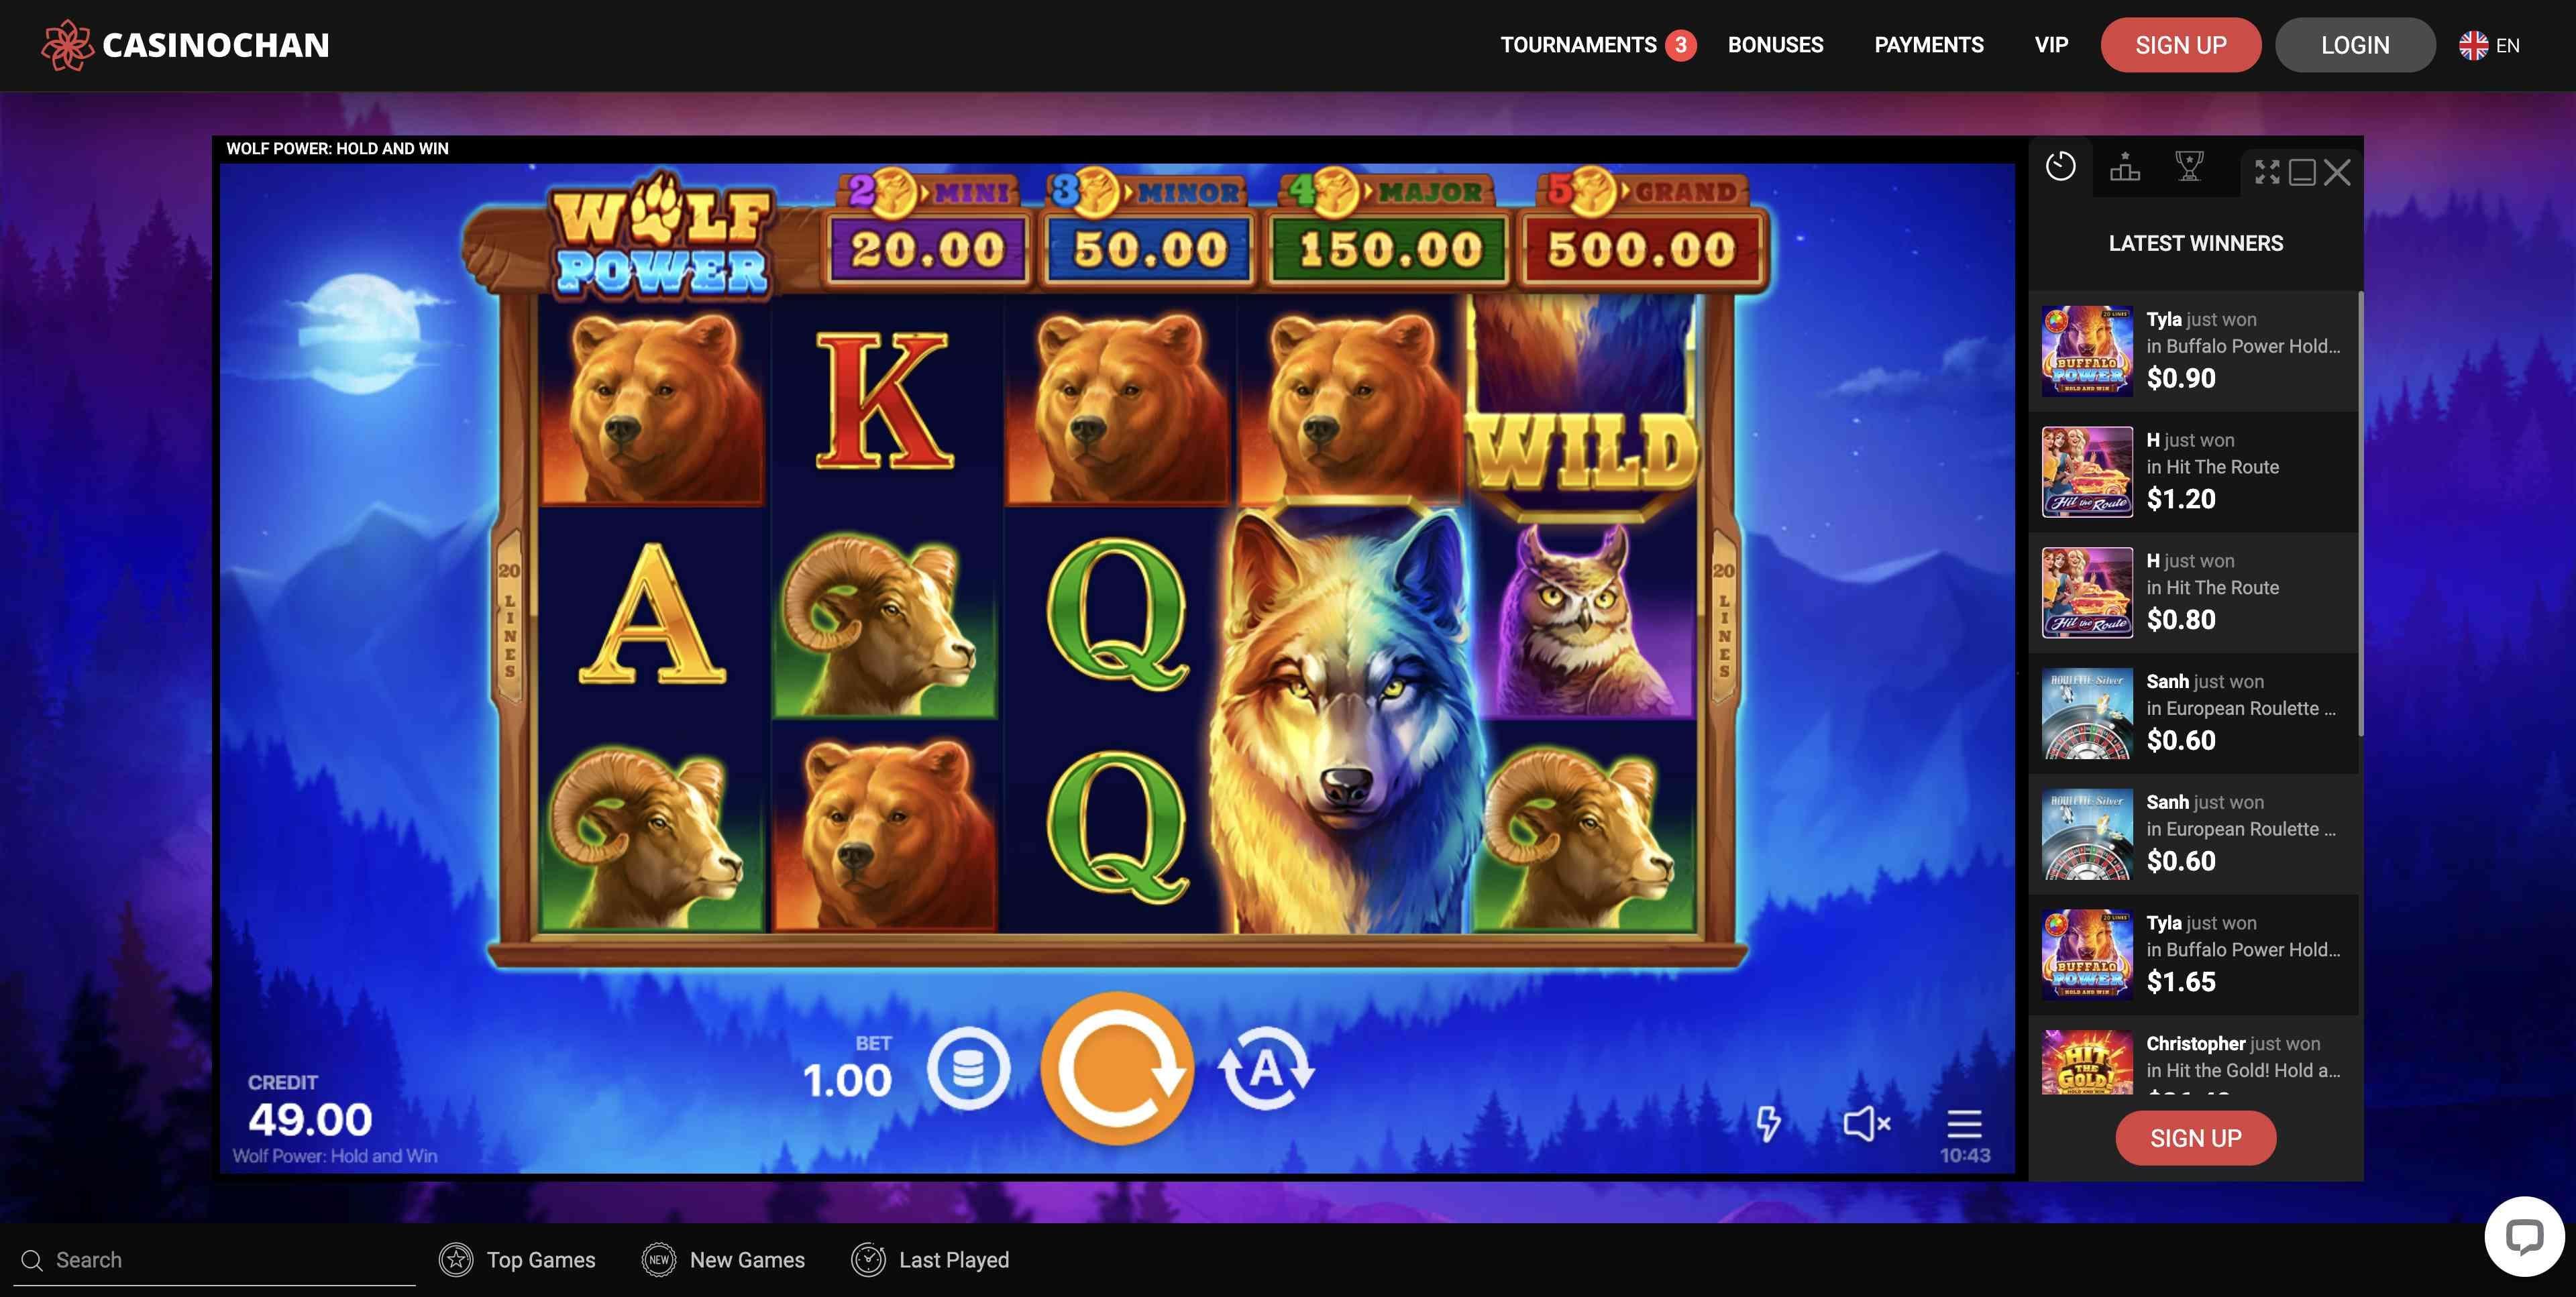 CasinoChan #2